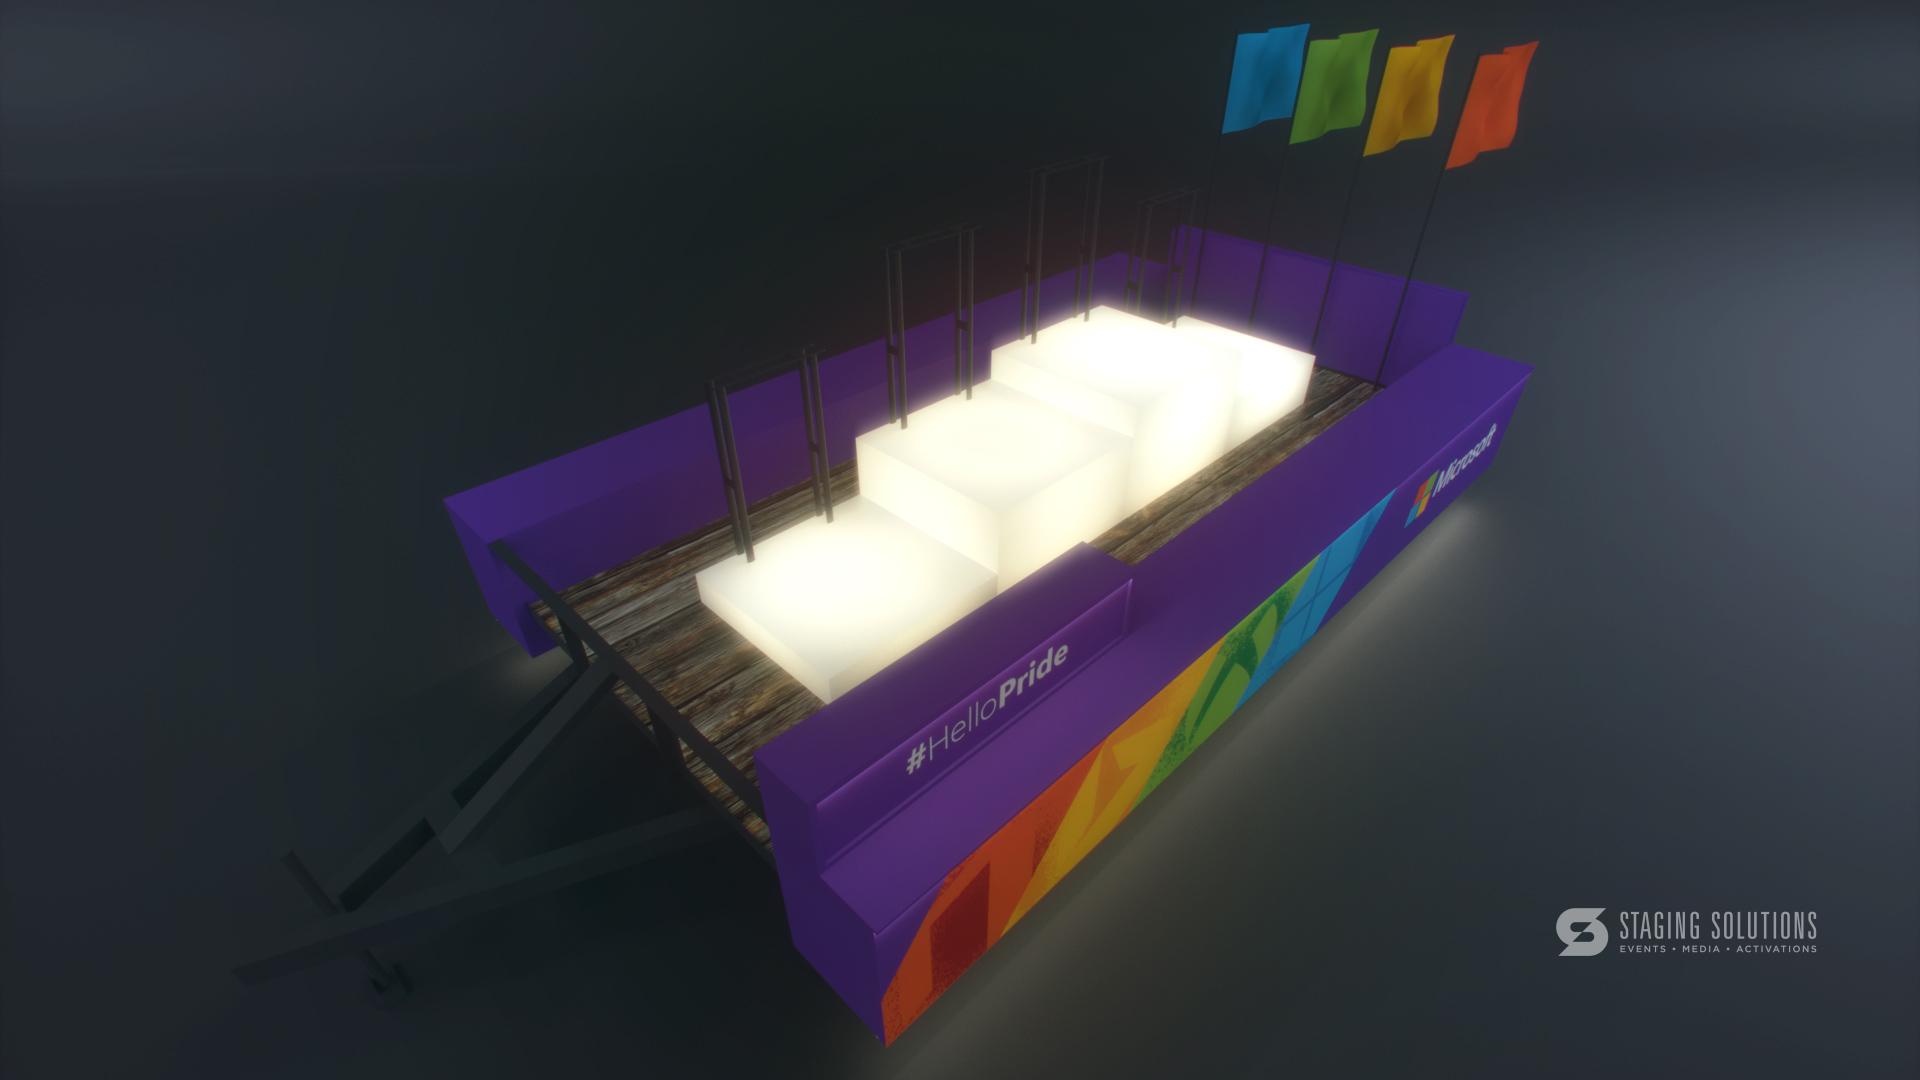 pride houston float concept